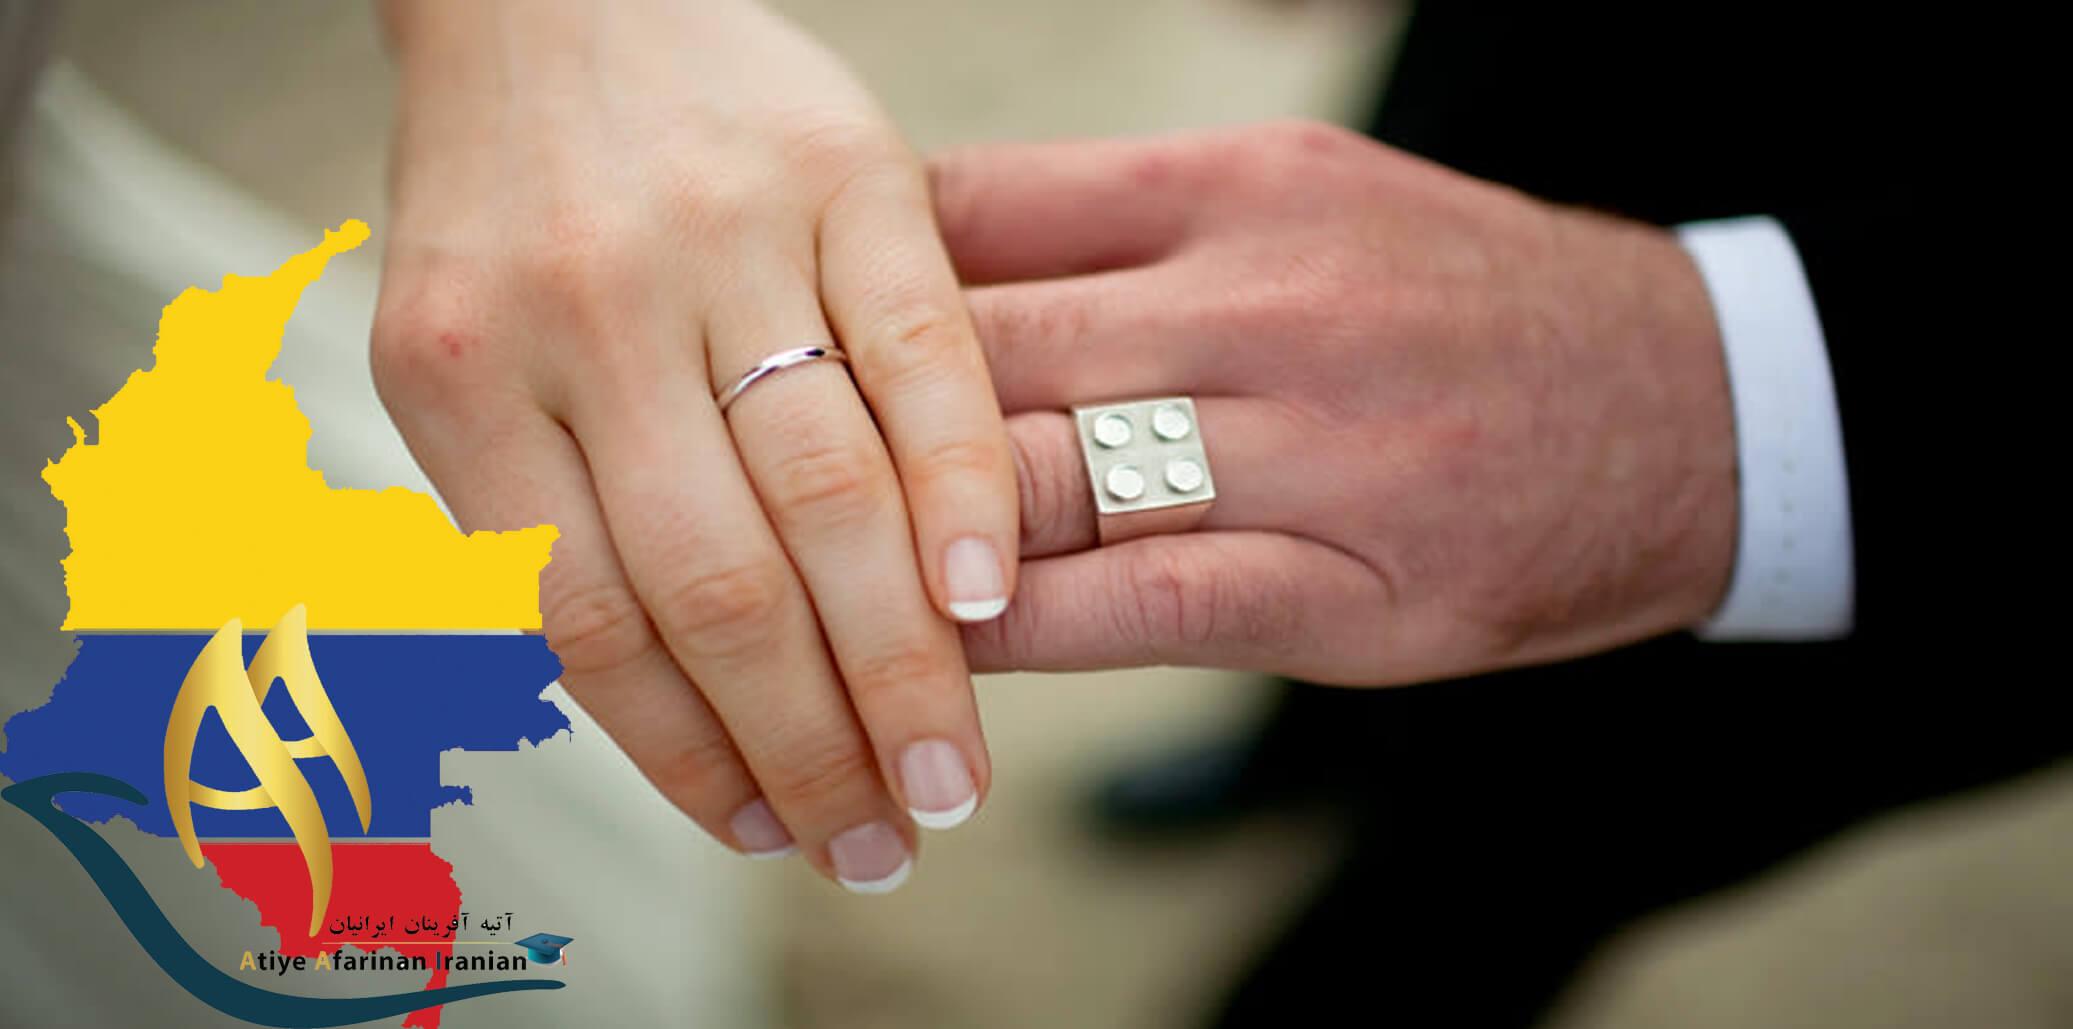 ازدواج در کلمبیا